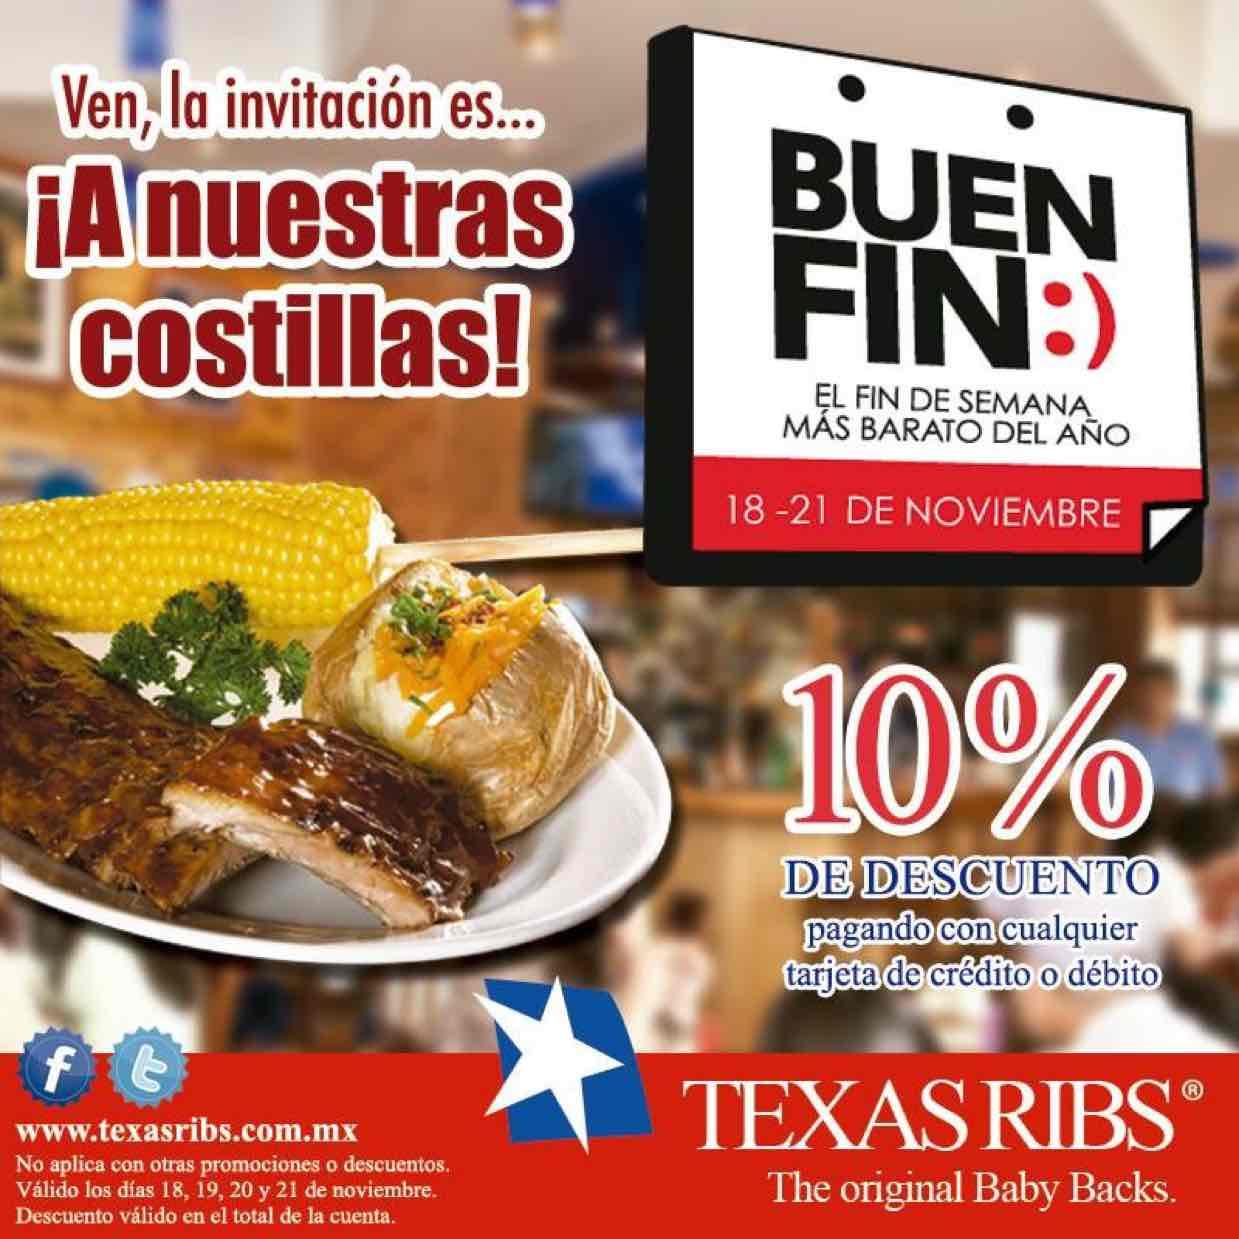 Promociones del Buen Fin 2016: Texas Ribs